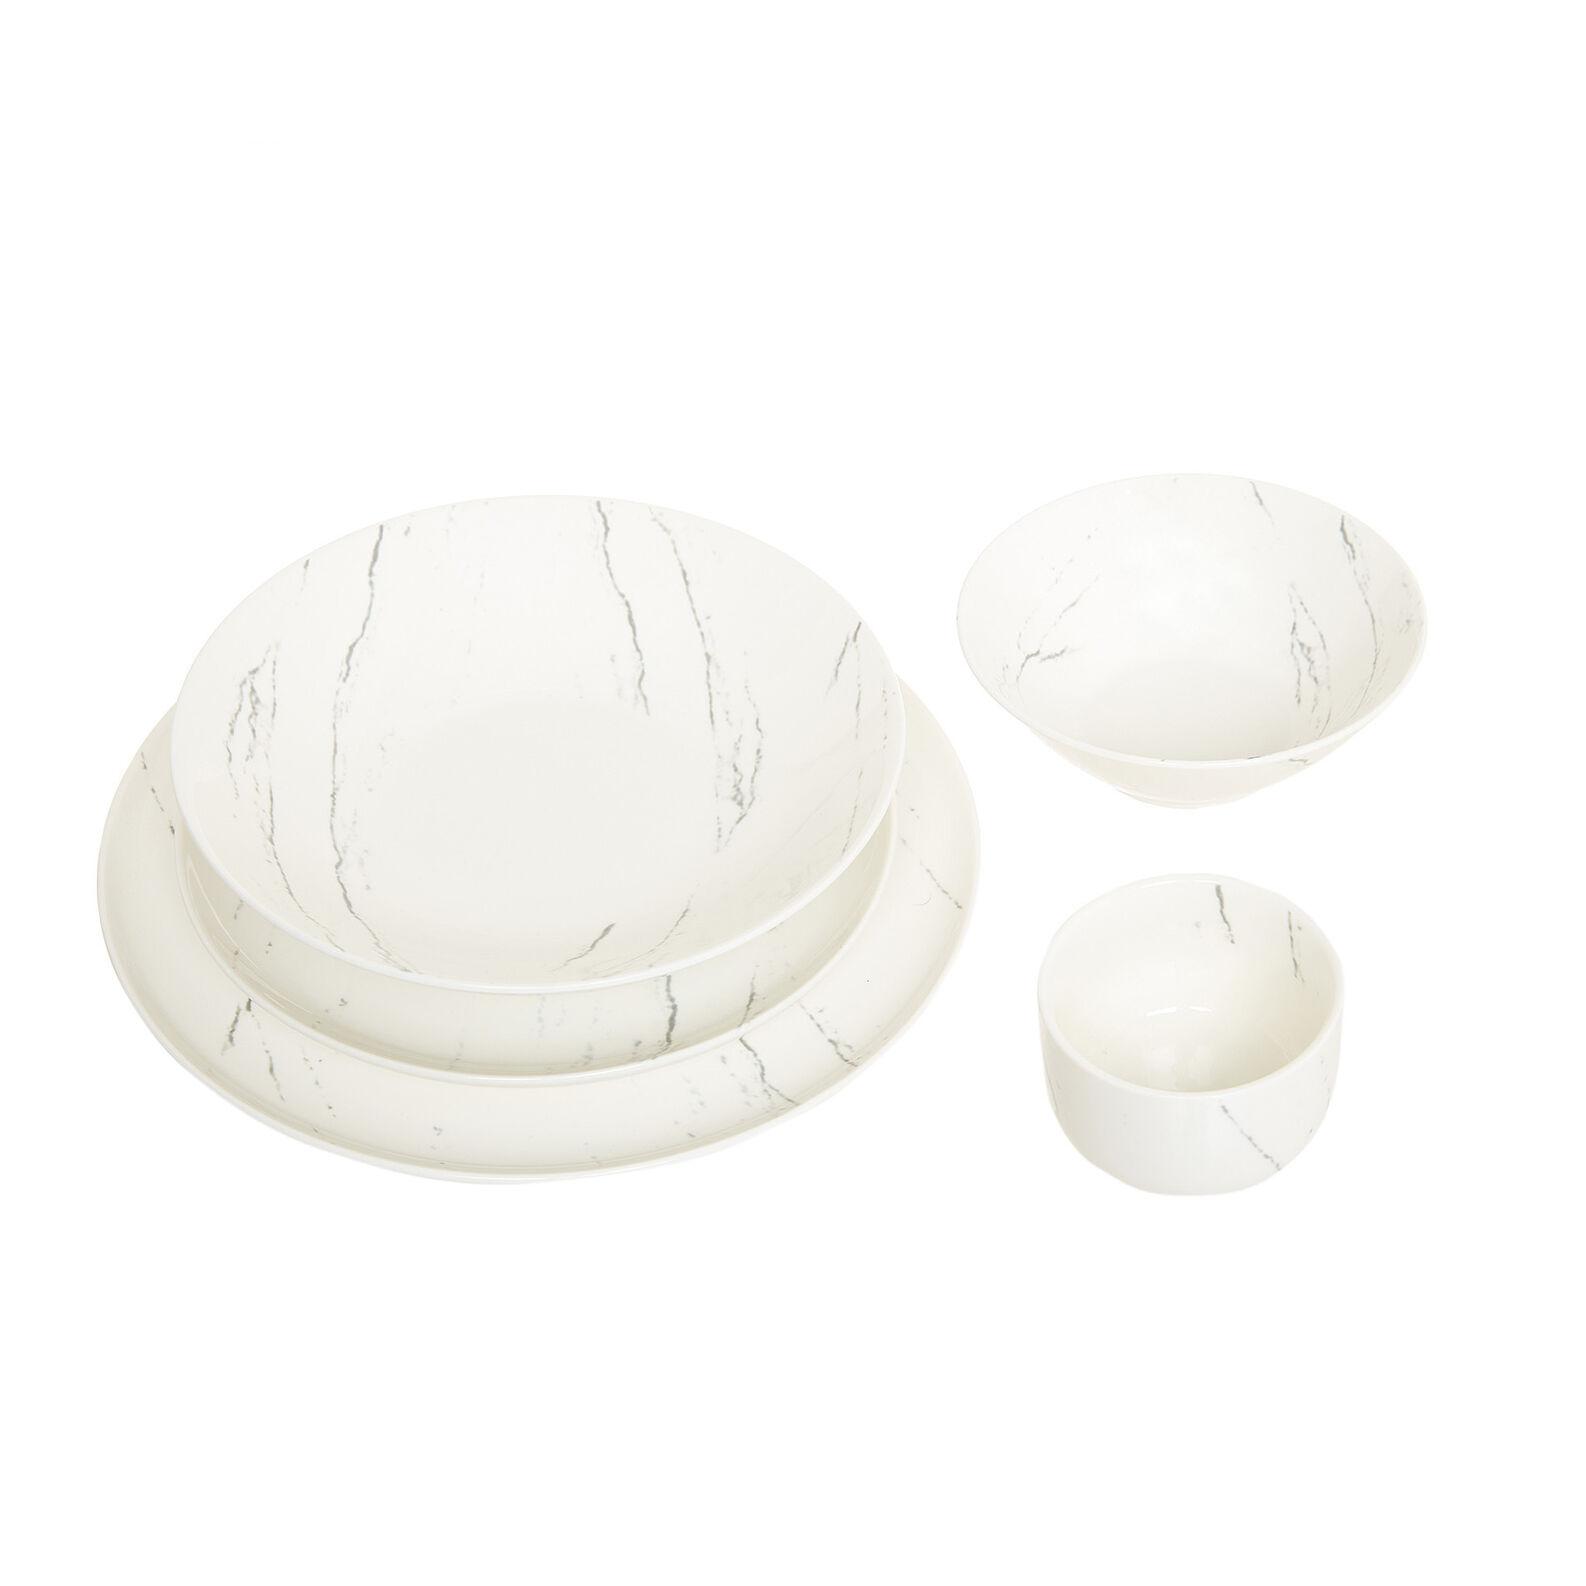 Linea tavola in porcellana effetto marmo